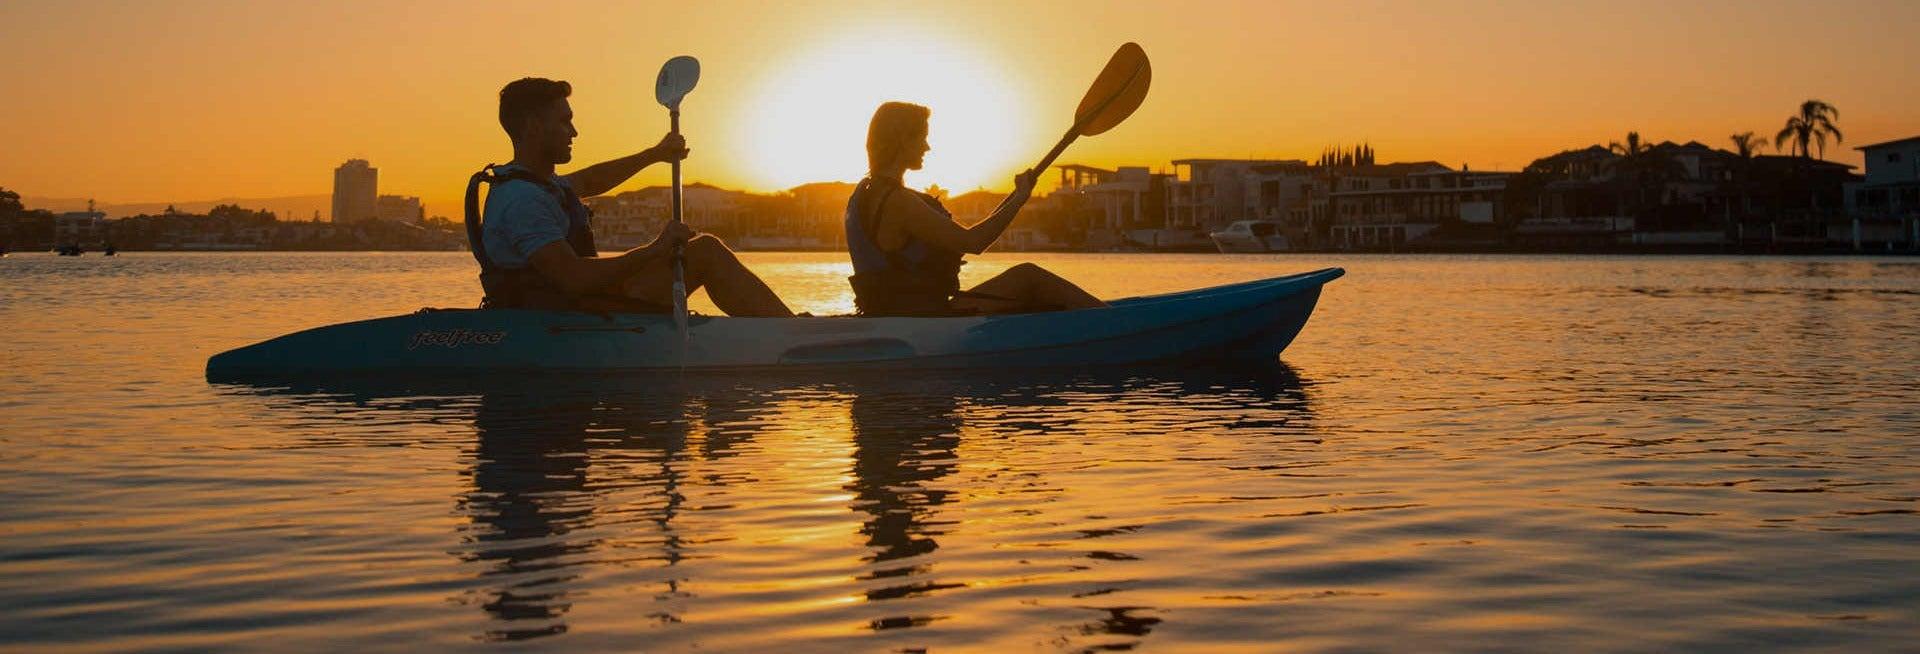 Gold Coast Sunset Kayaking Tour